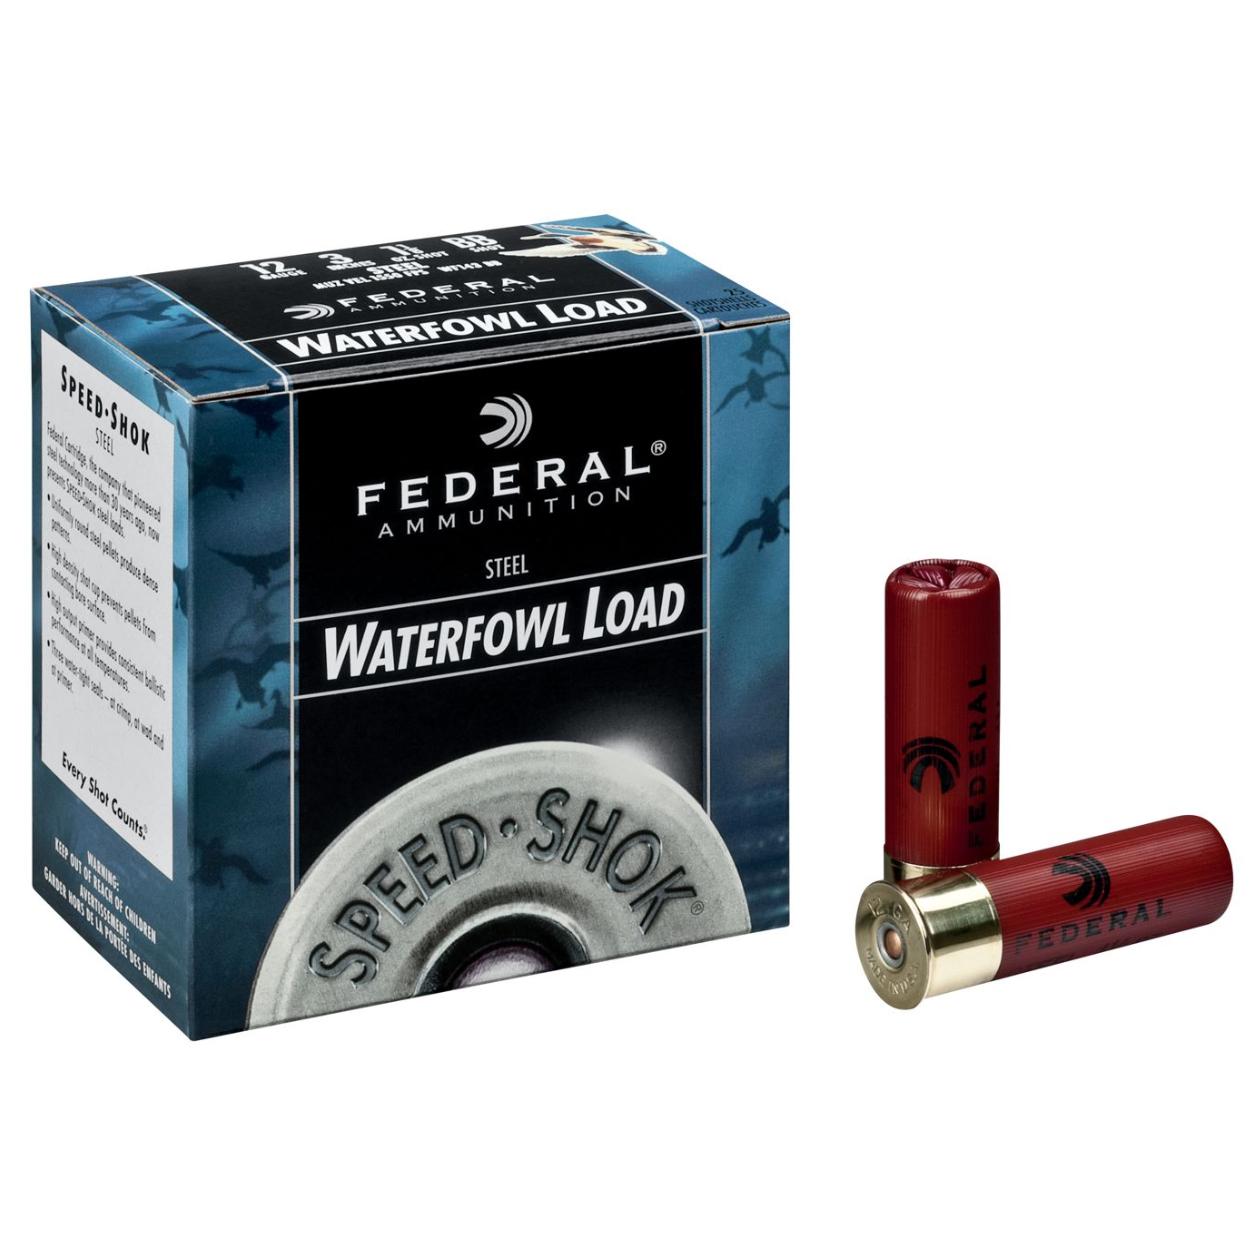 Federal Premium Speed-Shok Waterfowl Ammo, 10-ga, 3-1/2″, 1-1/2 oz, #2